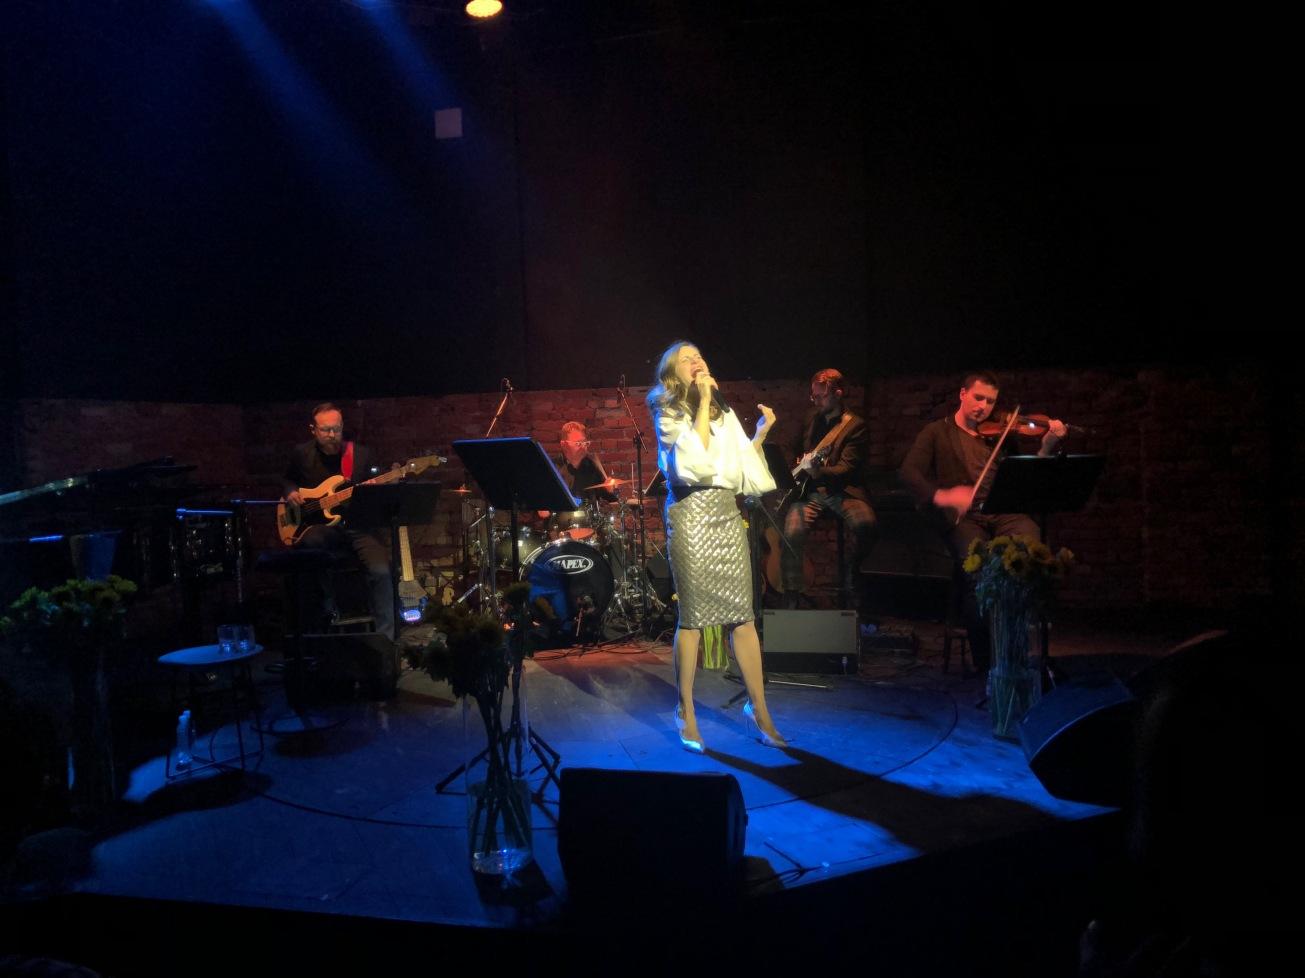 Zdjęcie zrobione podczas wczorajszego koncertu :)